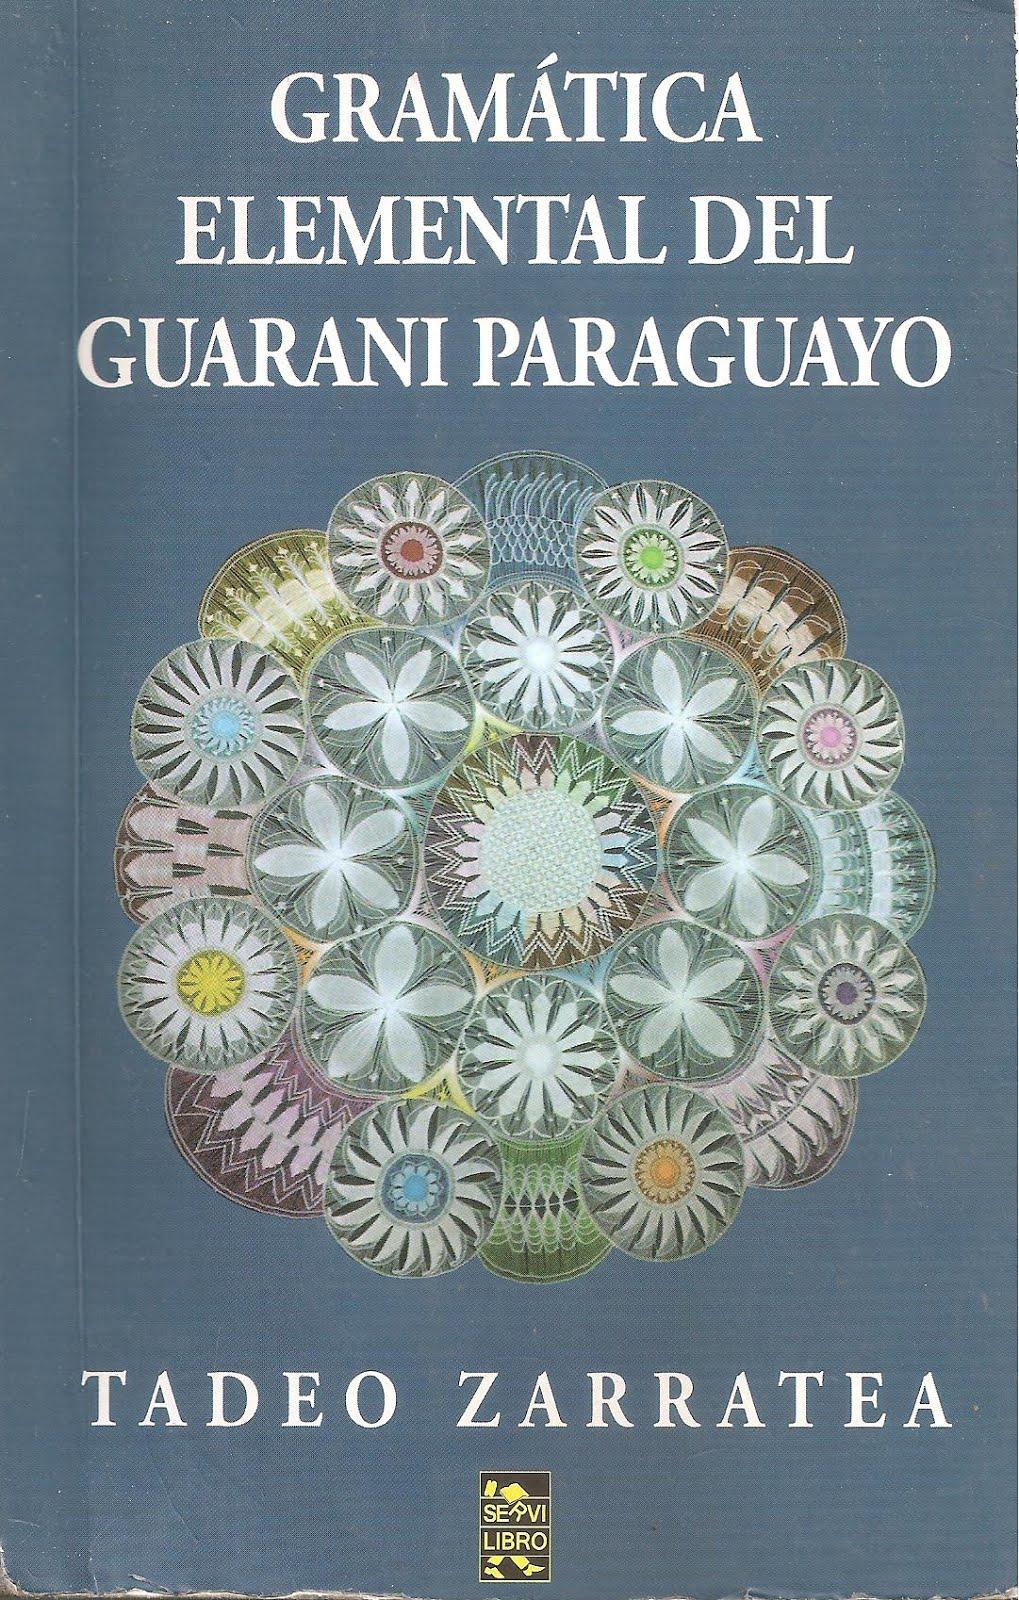 Gramática Elemental del Guaraní Paraguayo (Libro)